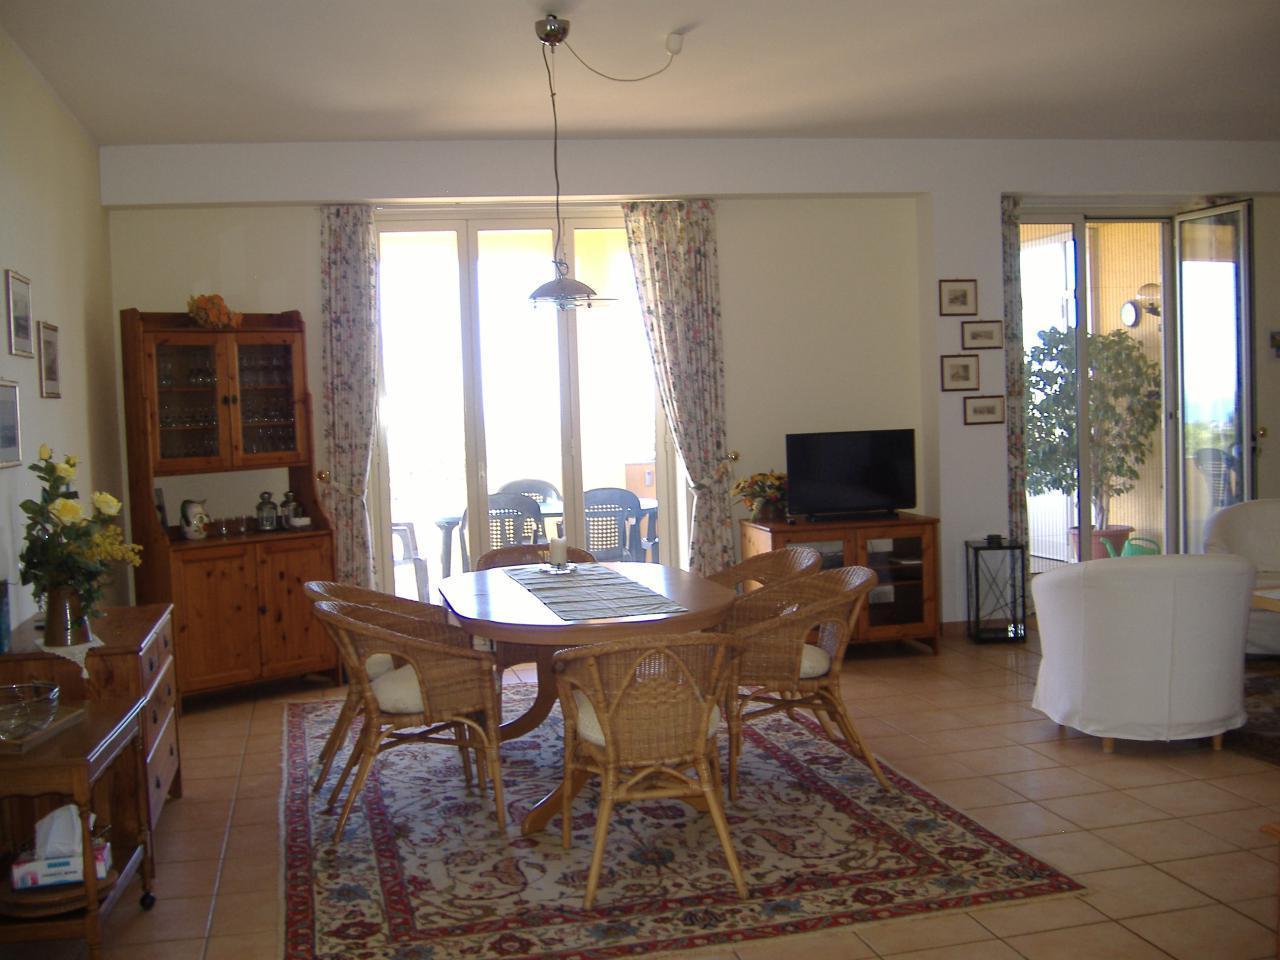 Holiday apartment Casa Amalia - Ferienwohnung mit Meerblick -  große Terrasse, großer Garten, kostenloses WL (94824), Sampieri, Ragusa, Sicily, Italy, picture 3